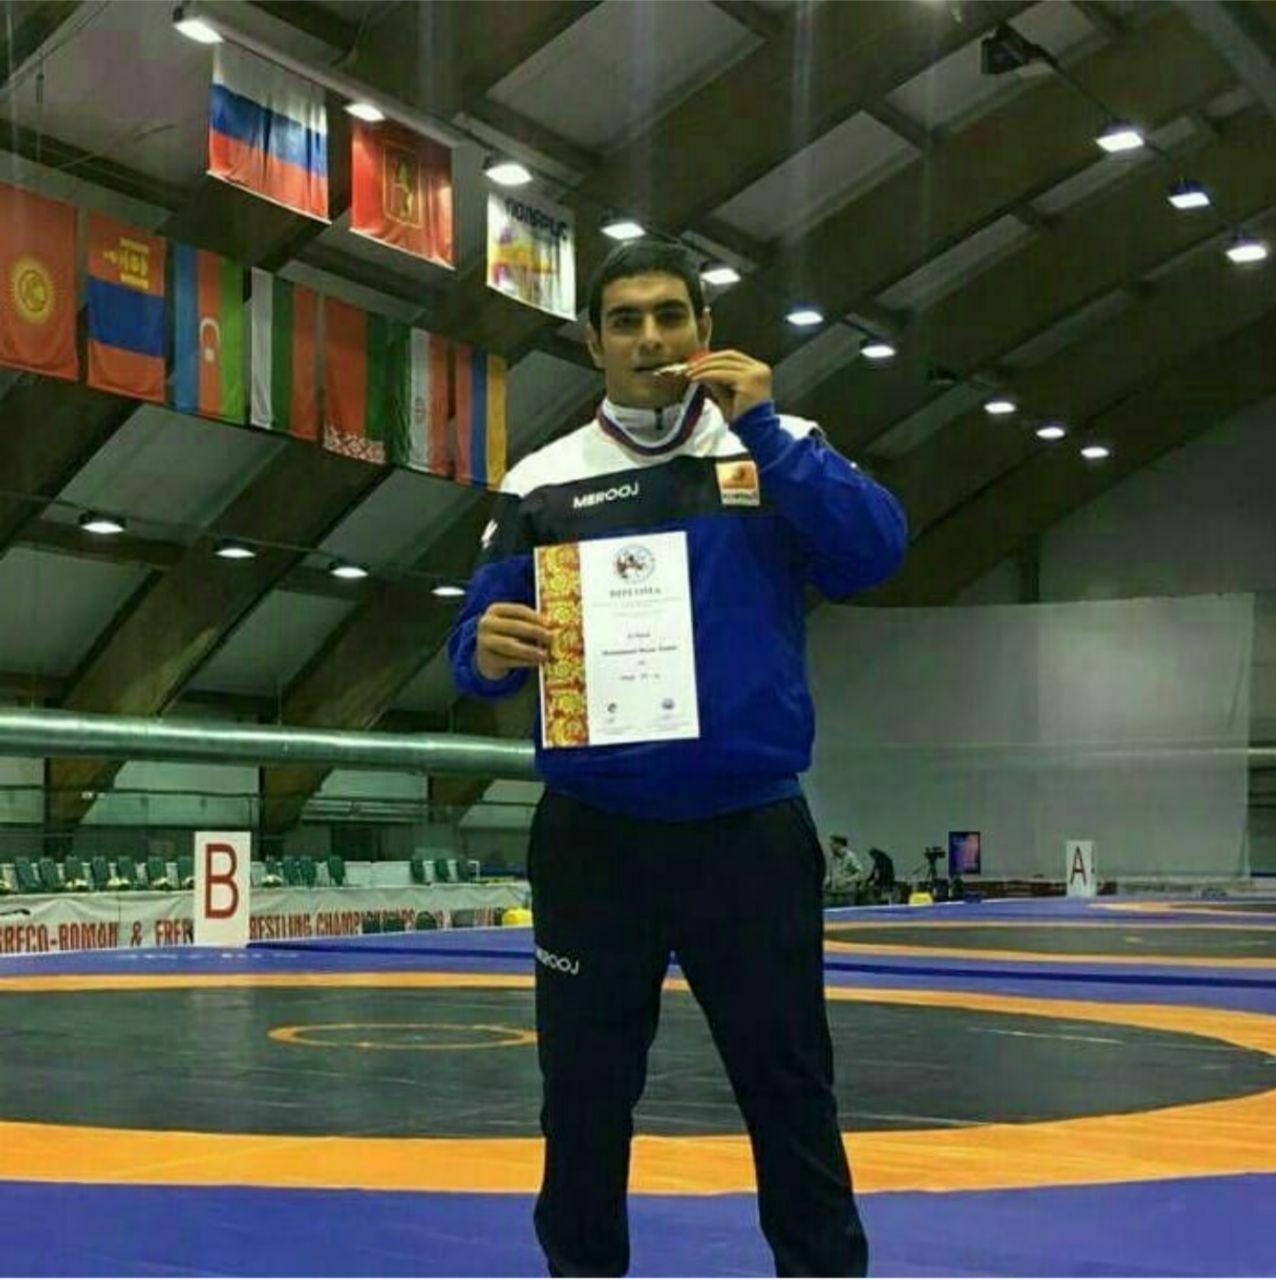 کسب مقام دومی محمد نظرزادهدر  مسابقات قهرمانی جهان کشتی فرنگی جوانان در روسیه